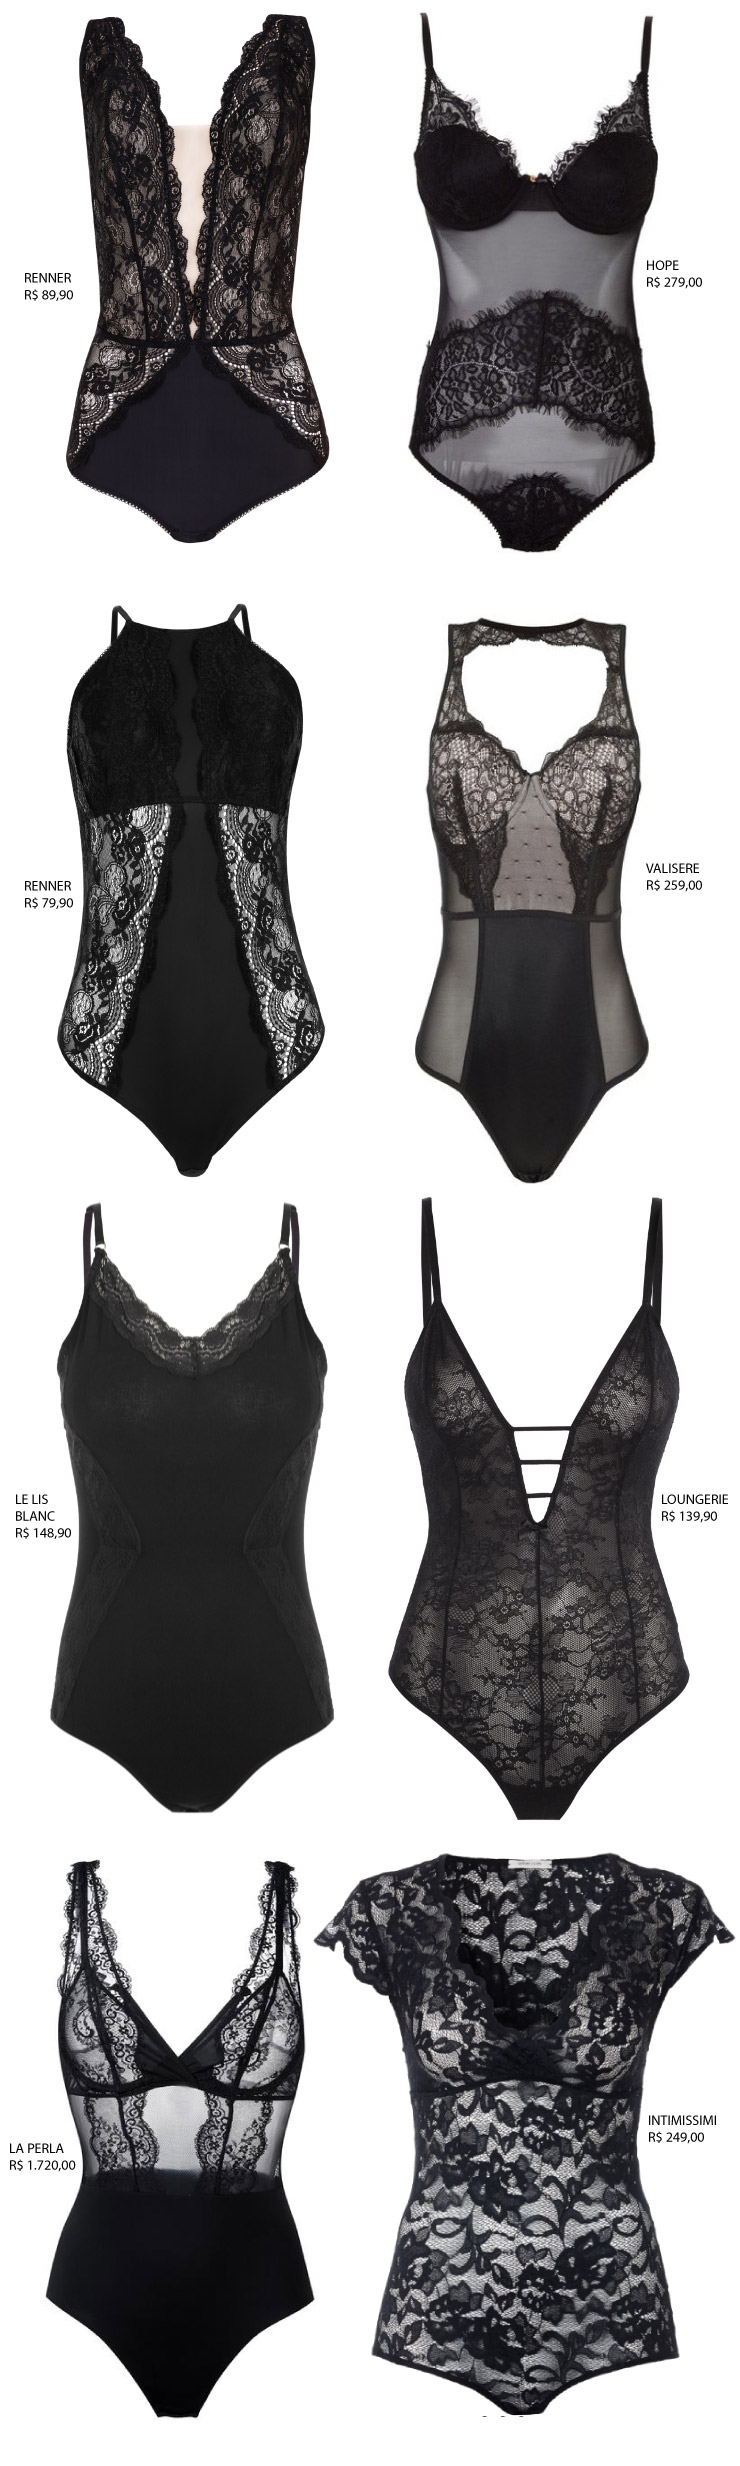 bodies_renda_lingerie_pecas